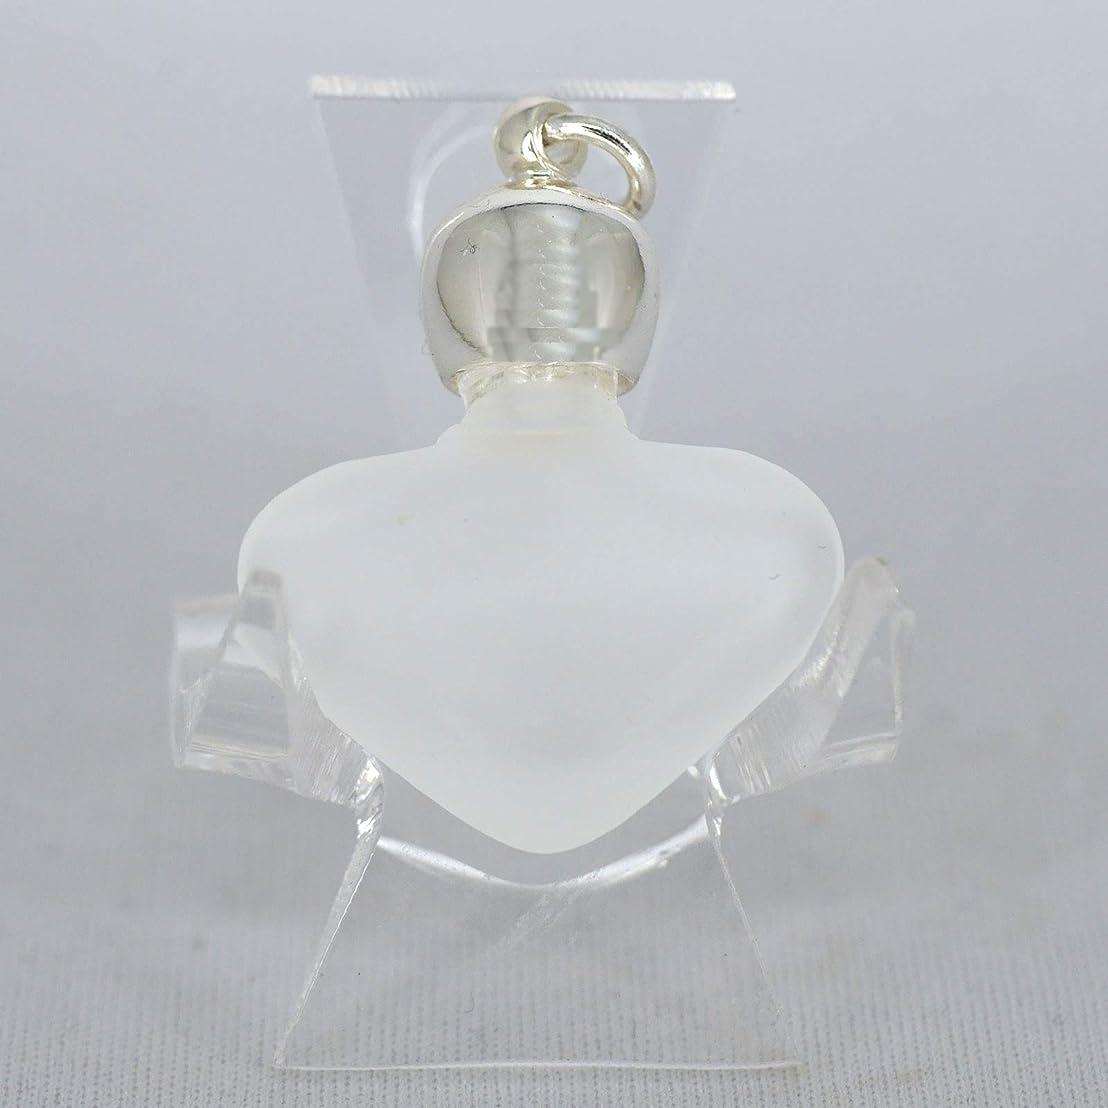 クアッガ舗装する酸ミニ香水瓶 アロマペンダントトップ ハートフロスト(すりガラス)0.8ml?シルバー?穴あきキャップ、パッキン付属【アロマオイル?メモリーオイル入れにオススメ】